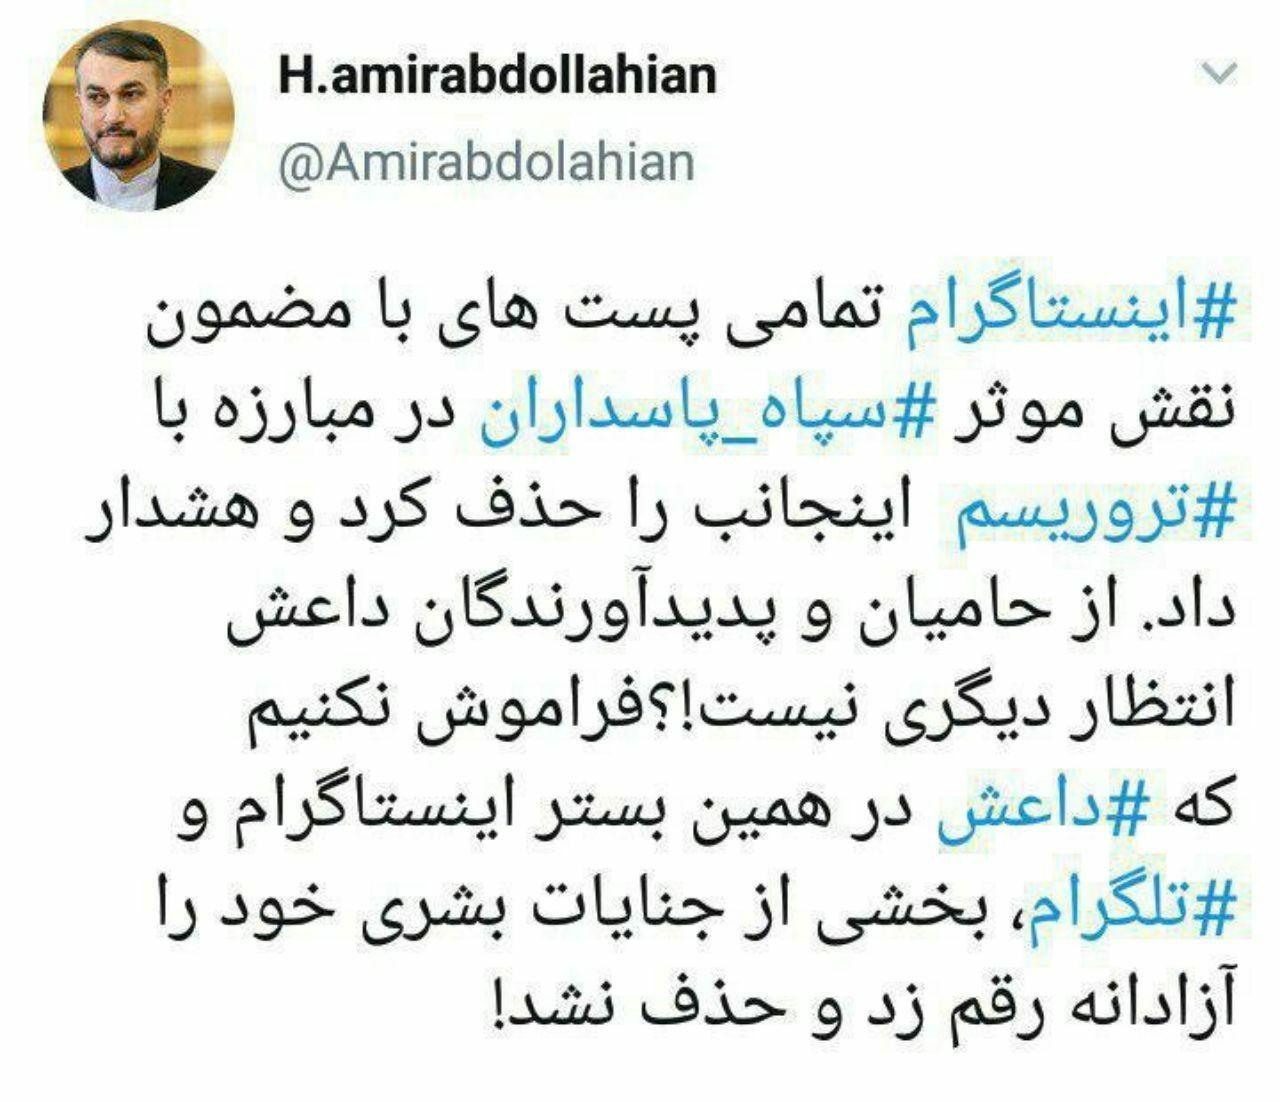 حذف پستهای مربوط به سپاه از صفحه امیرعبداللهیان